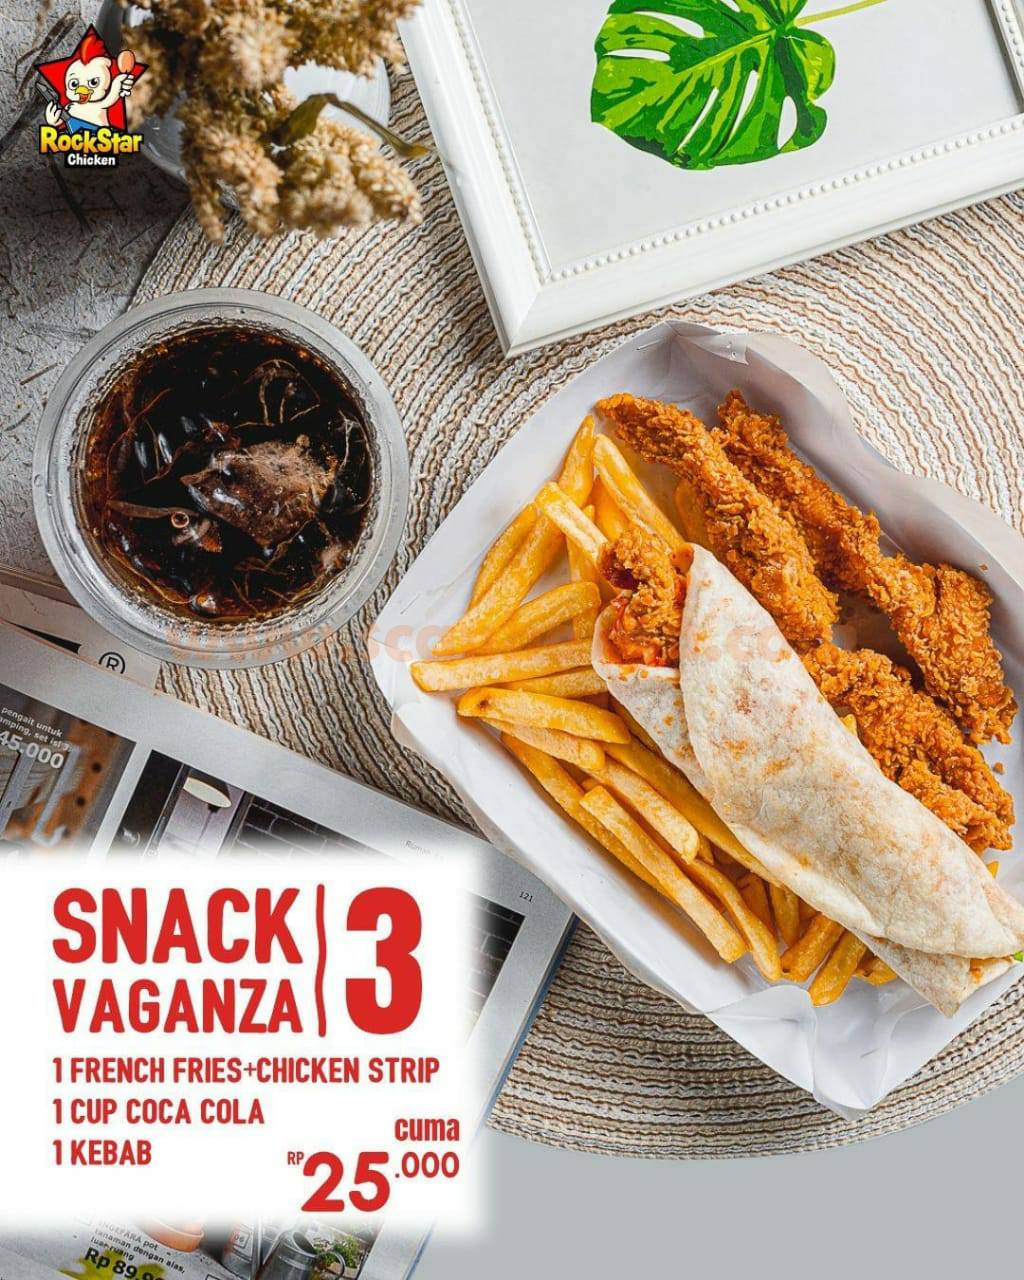 Promo Rockstar Chicken Paket Snack Vaganza 4